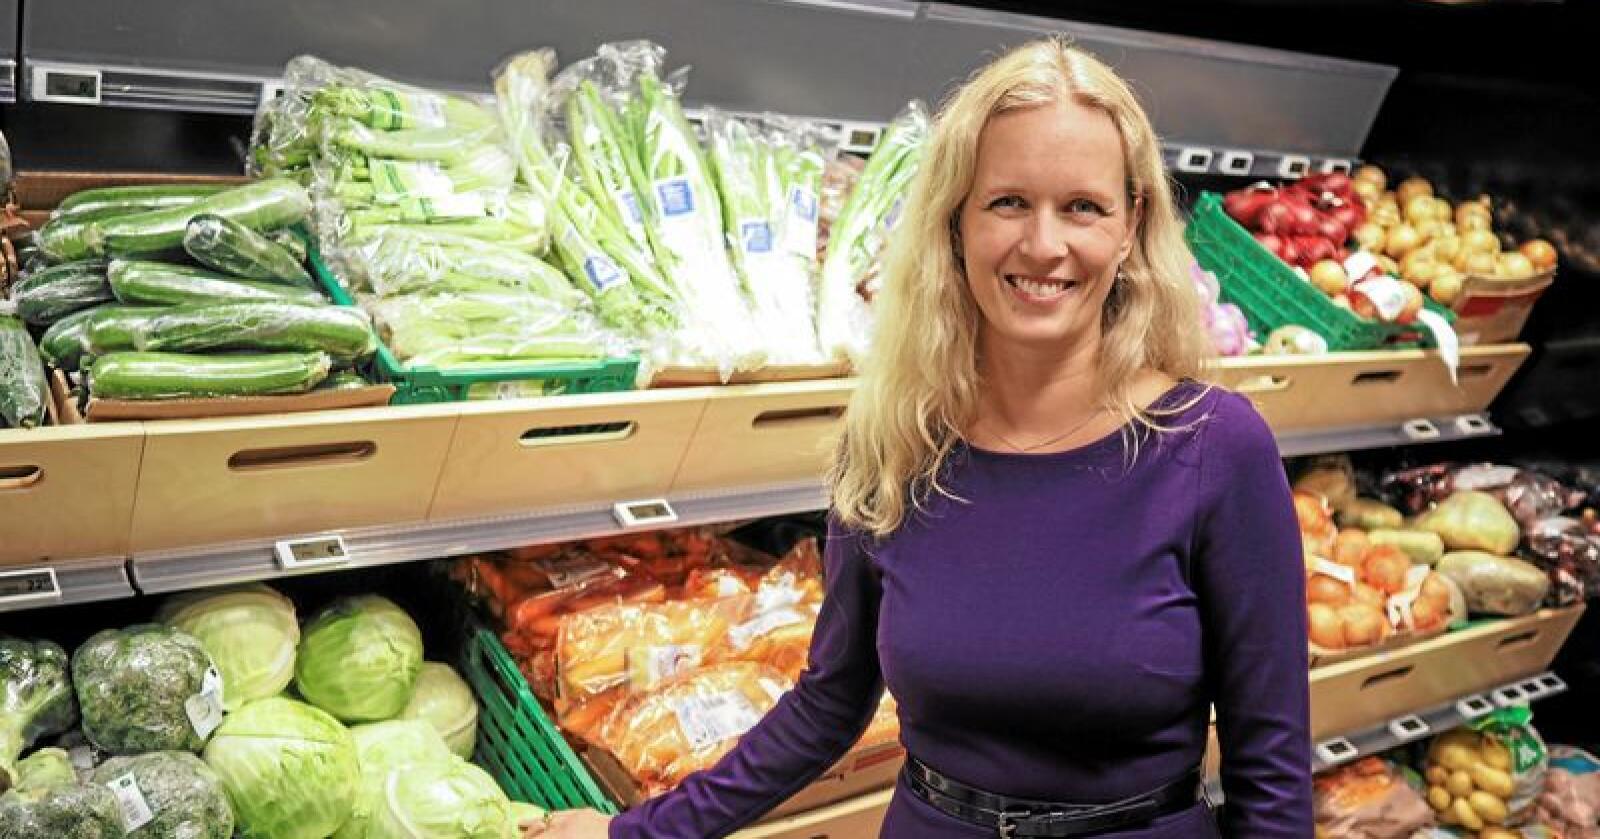 Ingvill Størksen i Virke dagligvare mener vi må tåle høye matvarepriser på grunn av store avstander i Norge. Foto: Virke